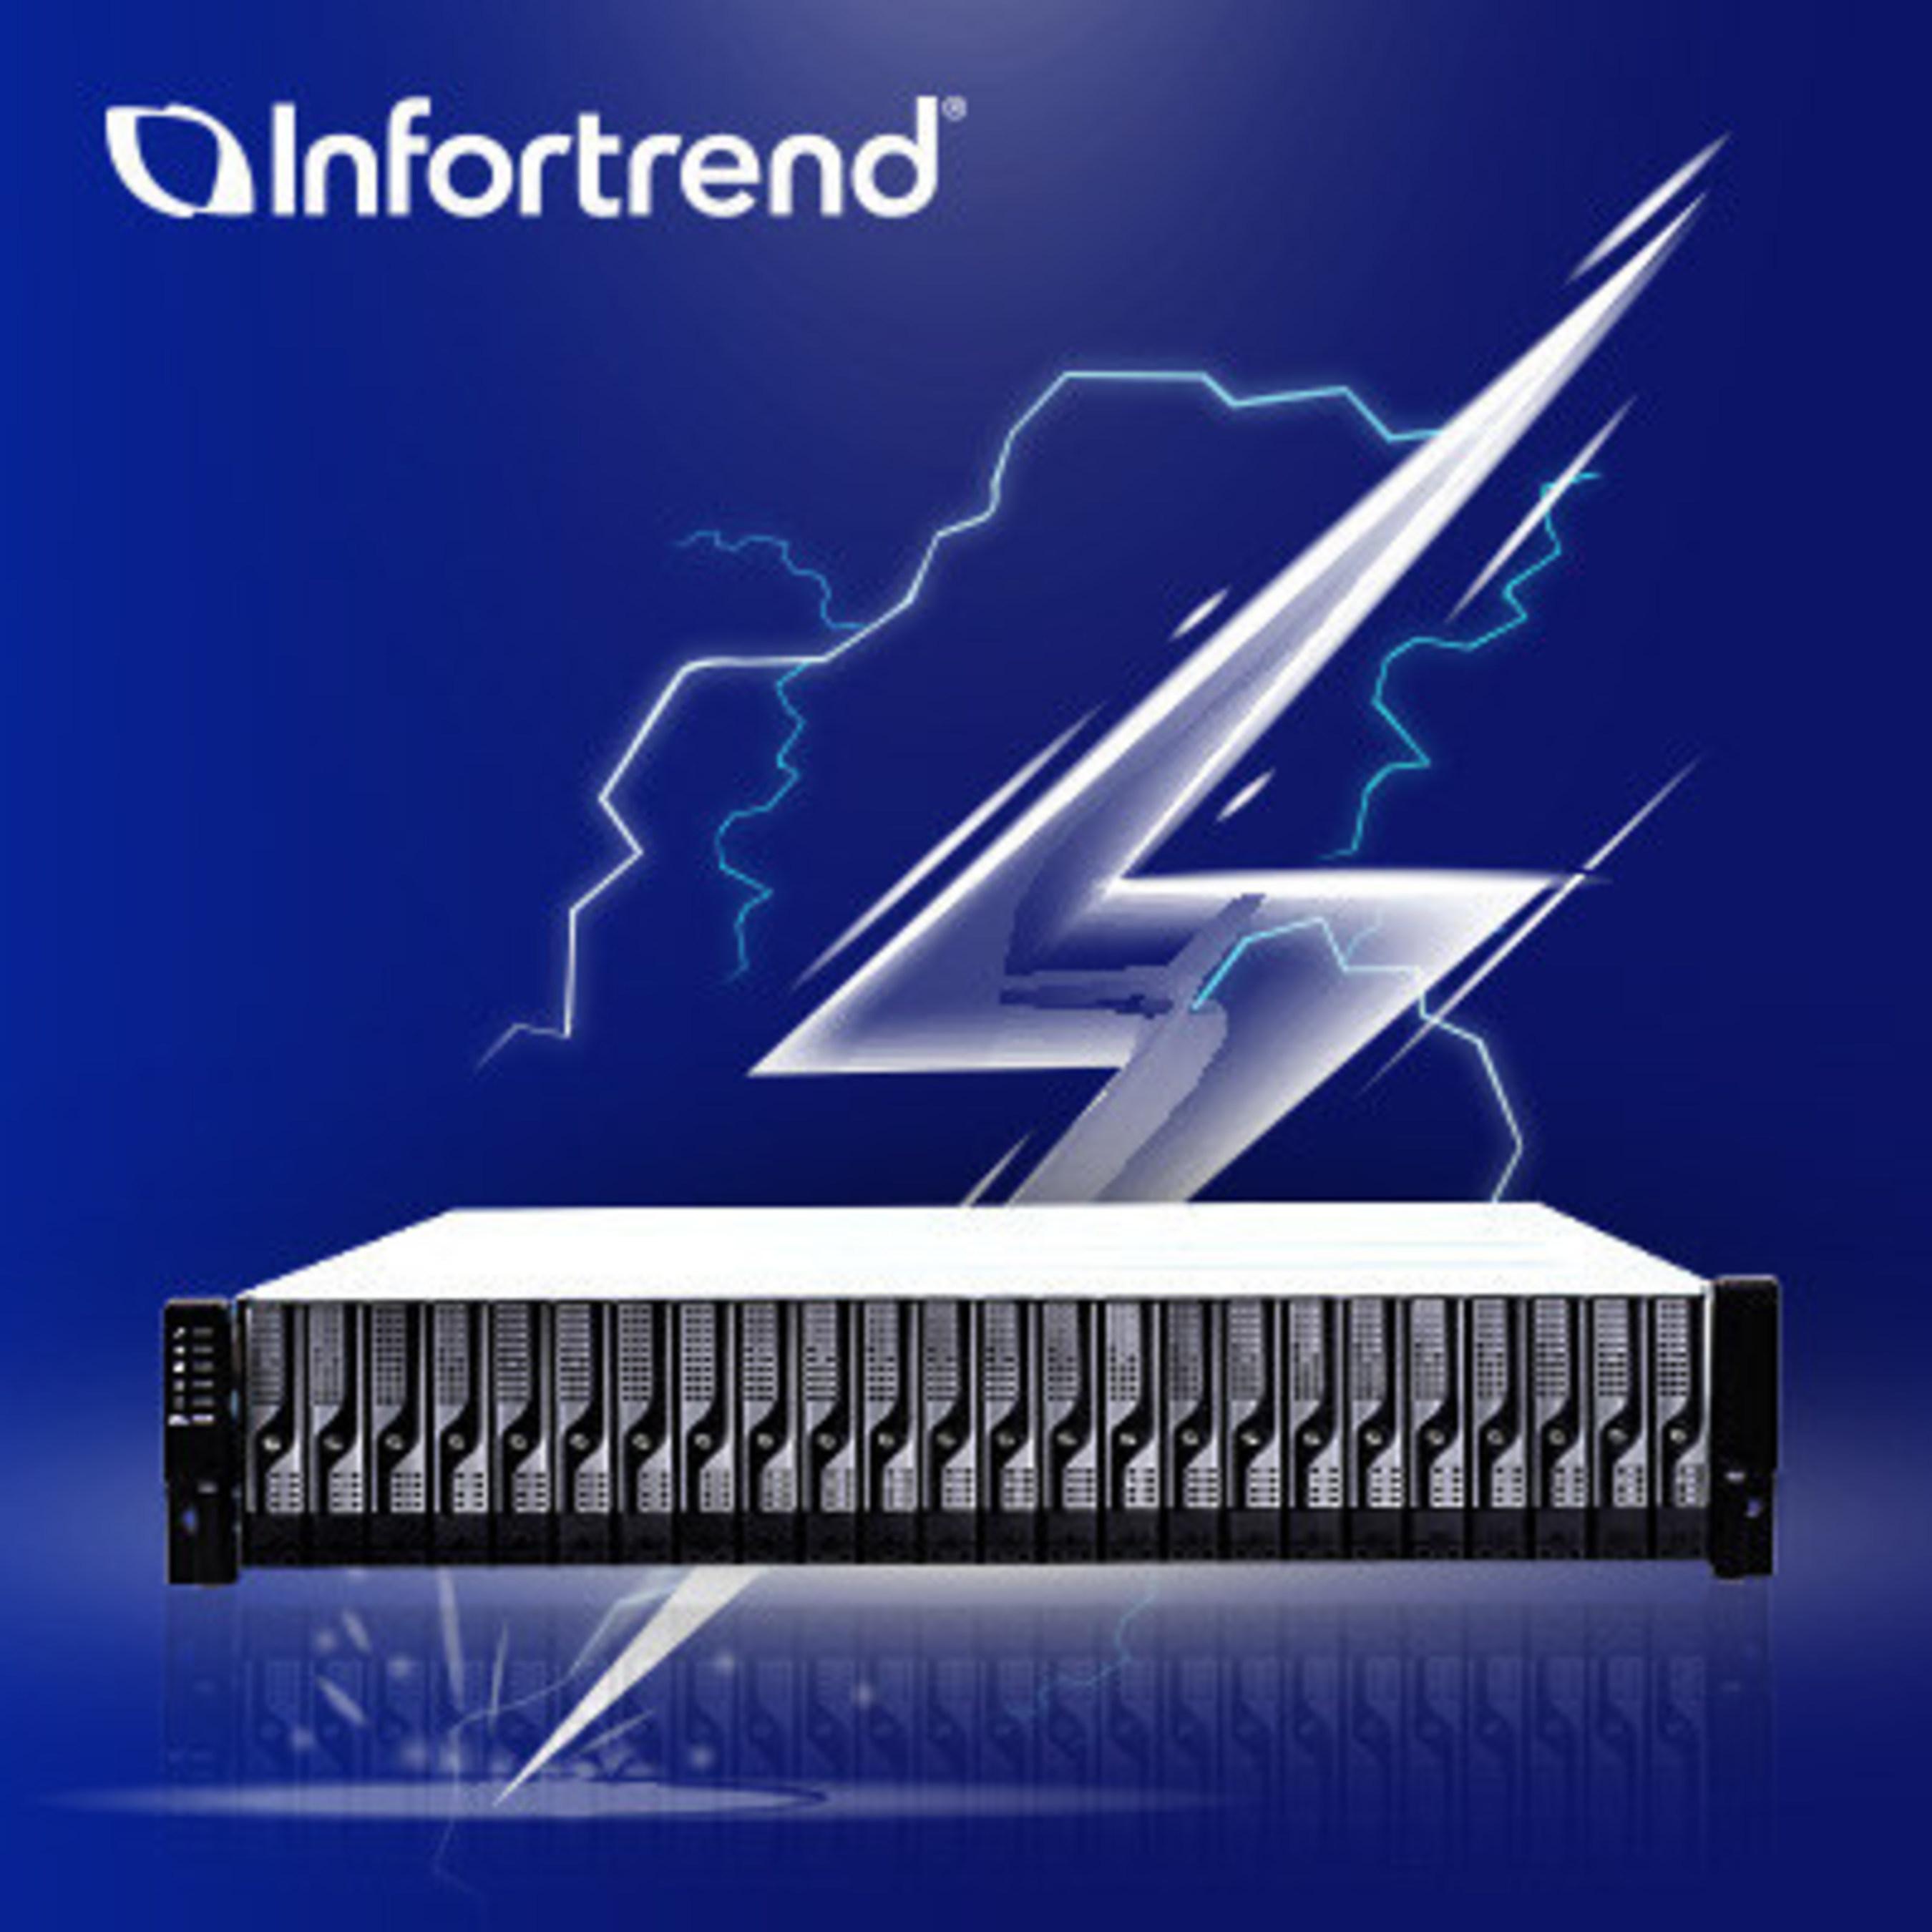 Компания Infortrend представляет ультрапроизводительный «EonStor DS 4000 Gen2»